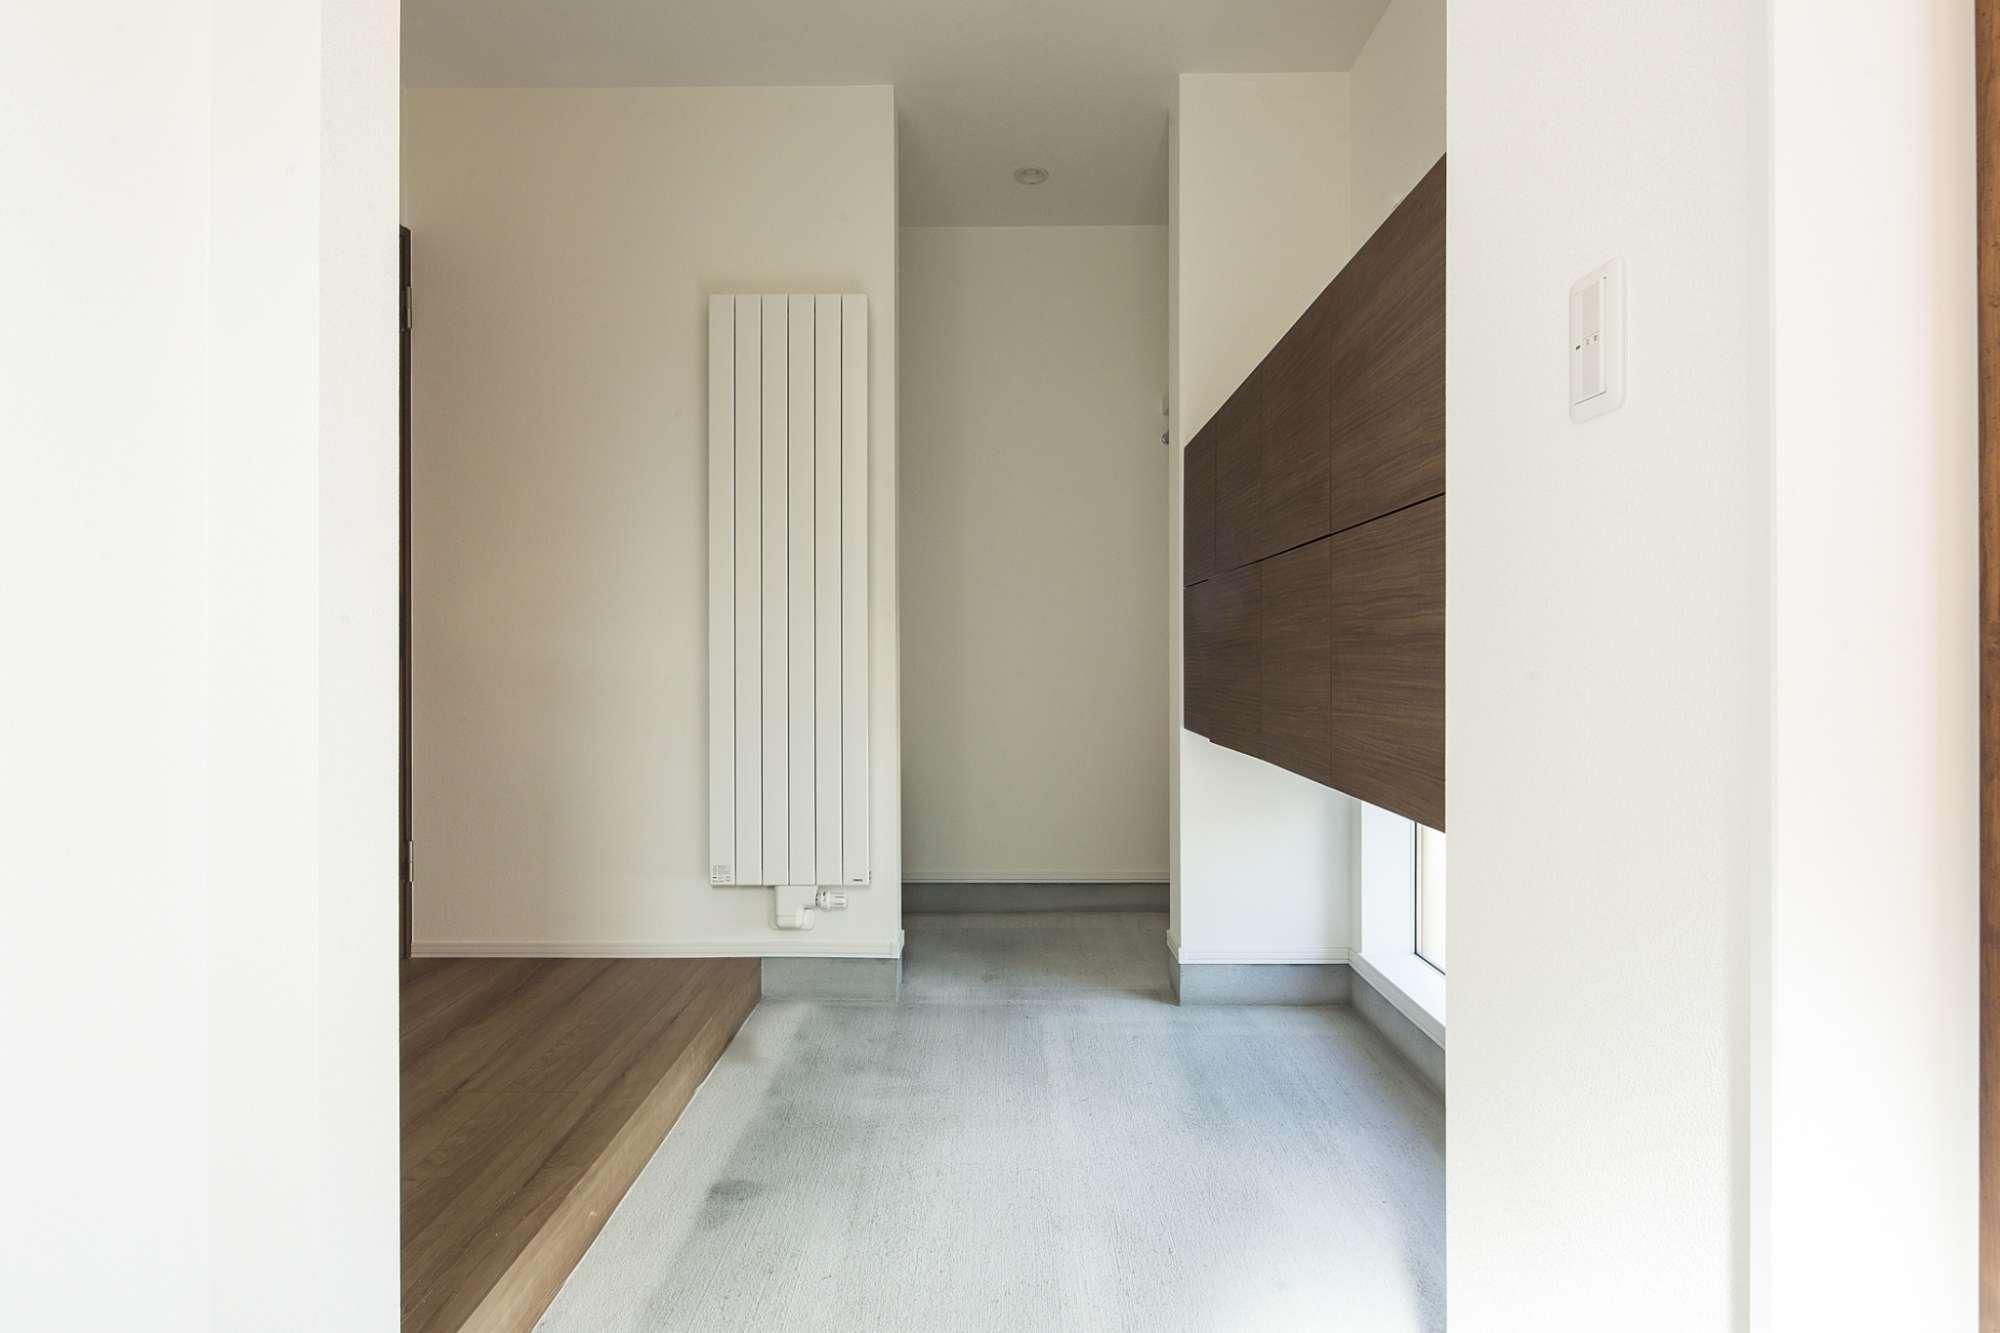 土間玄関の奥は巧みにつくった収納スペース -  -  -